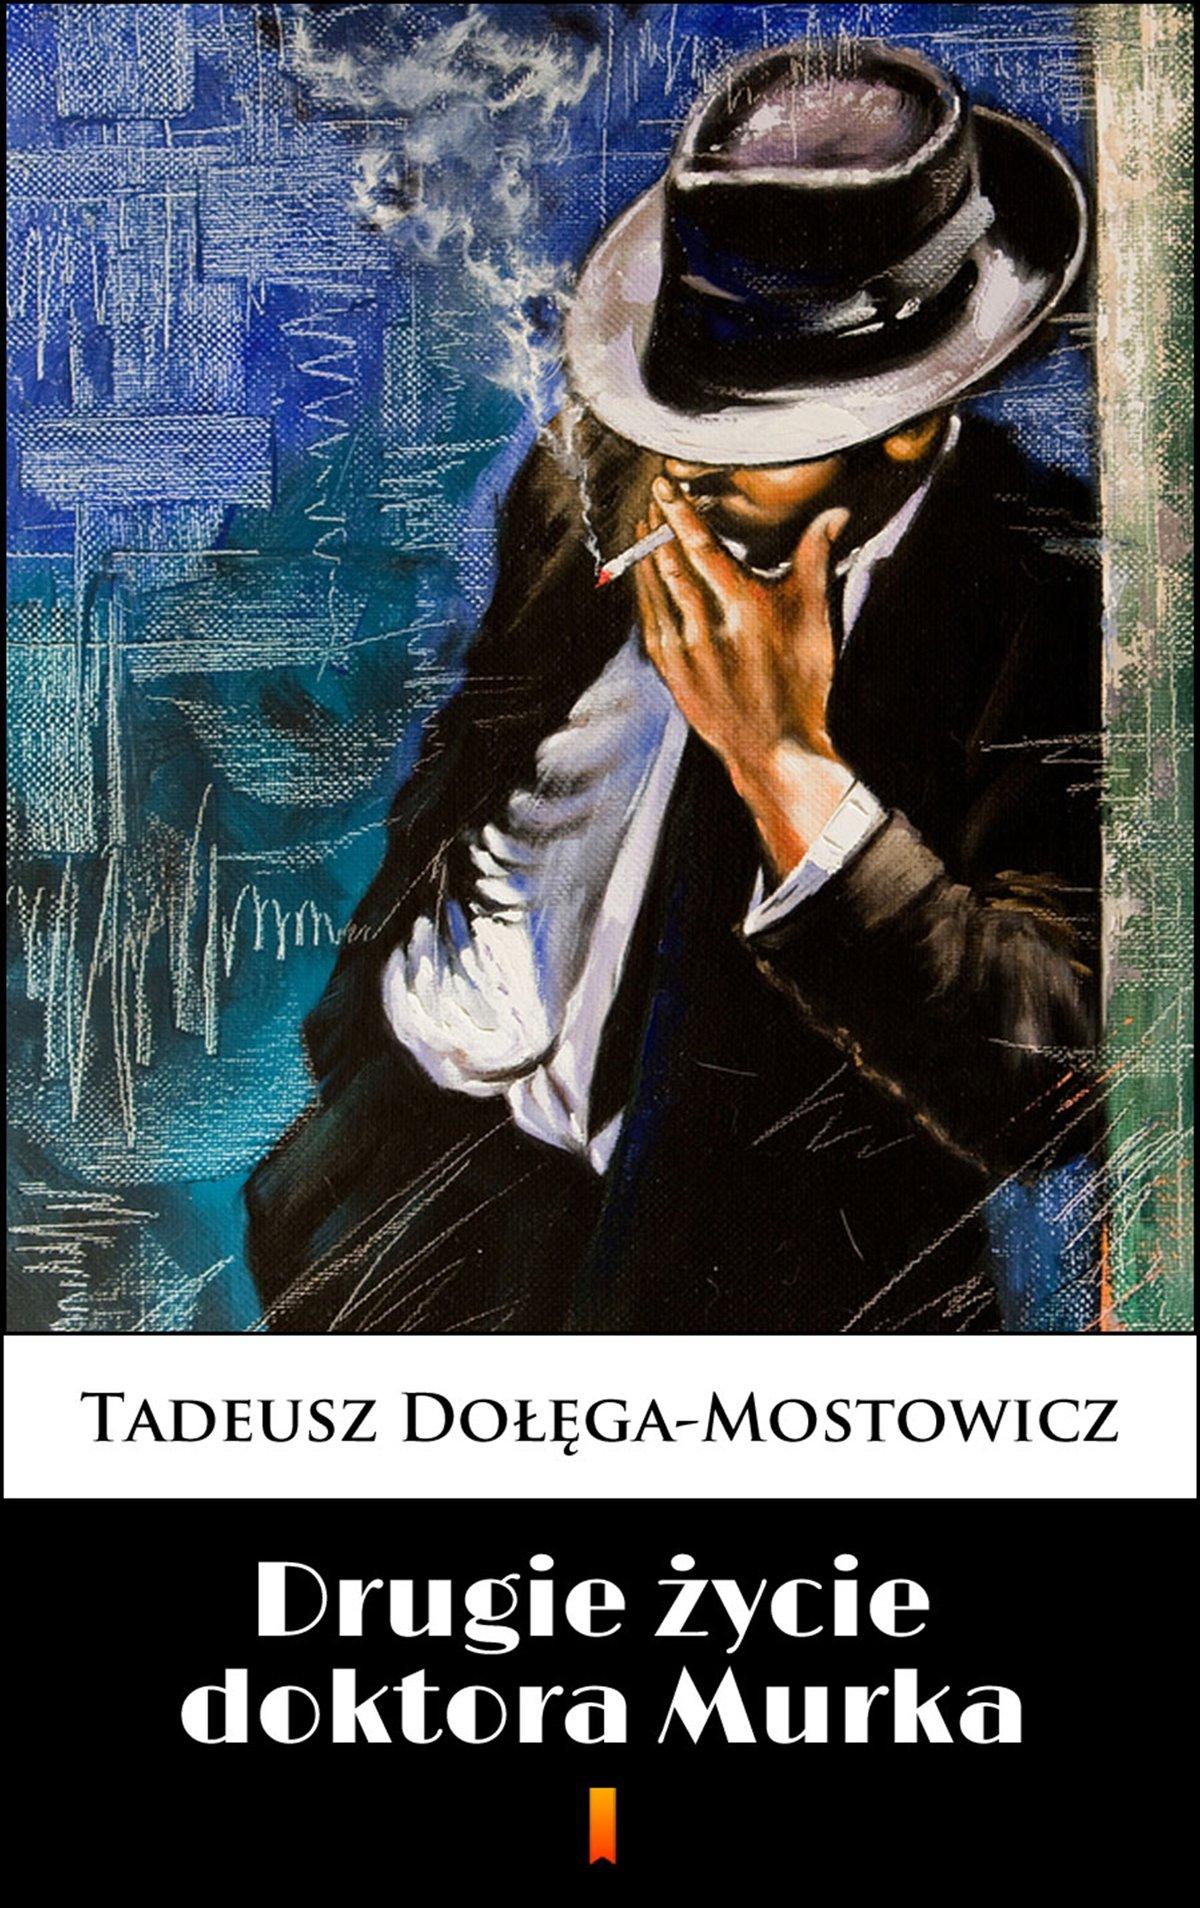 Drugie życie doktora Murka - Ebook (Książka na Kindle) do pobrania w formacie MOBI